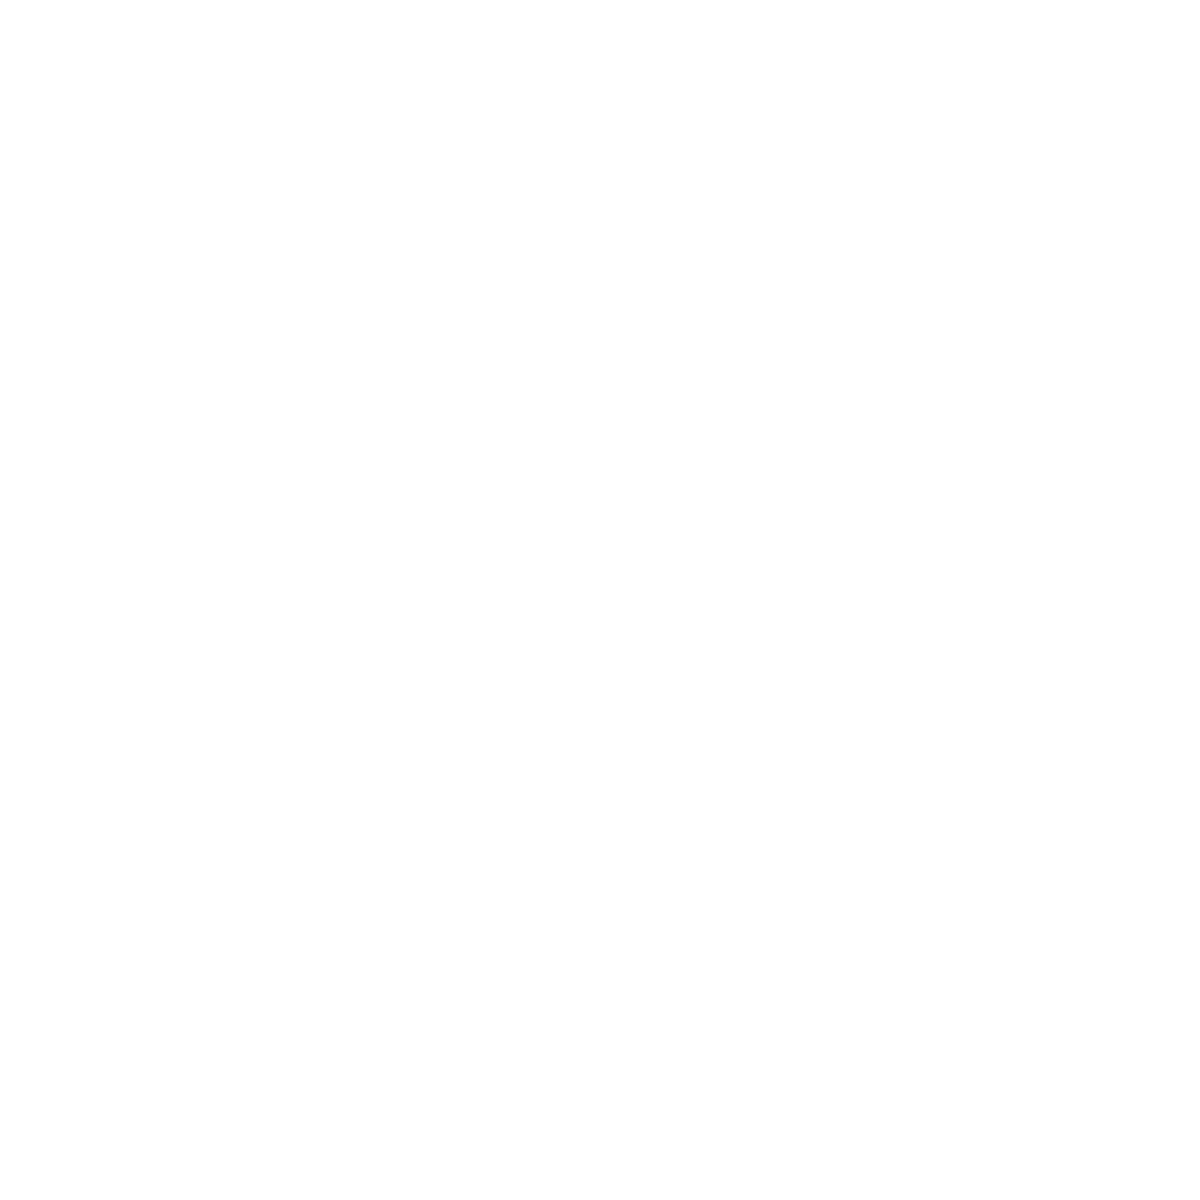 HOUSSE DE RANGEMENT 11pcs Sac de rangement sous vide épaissie compress